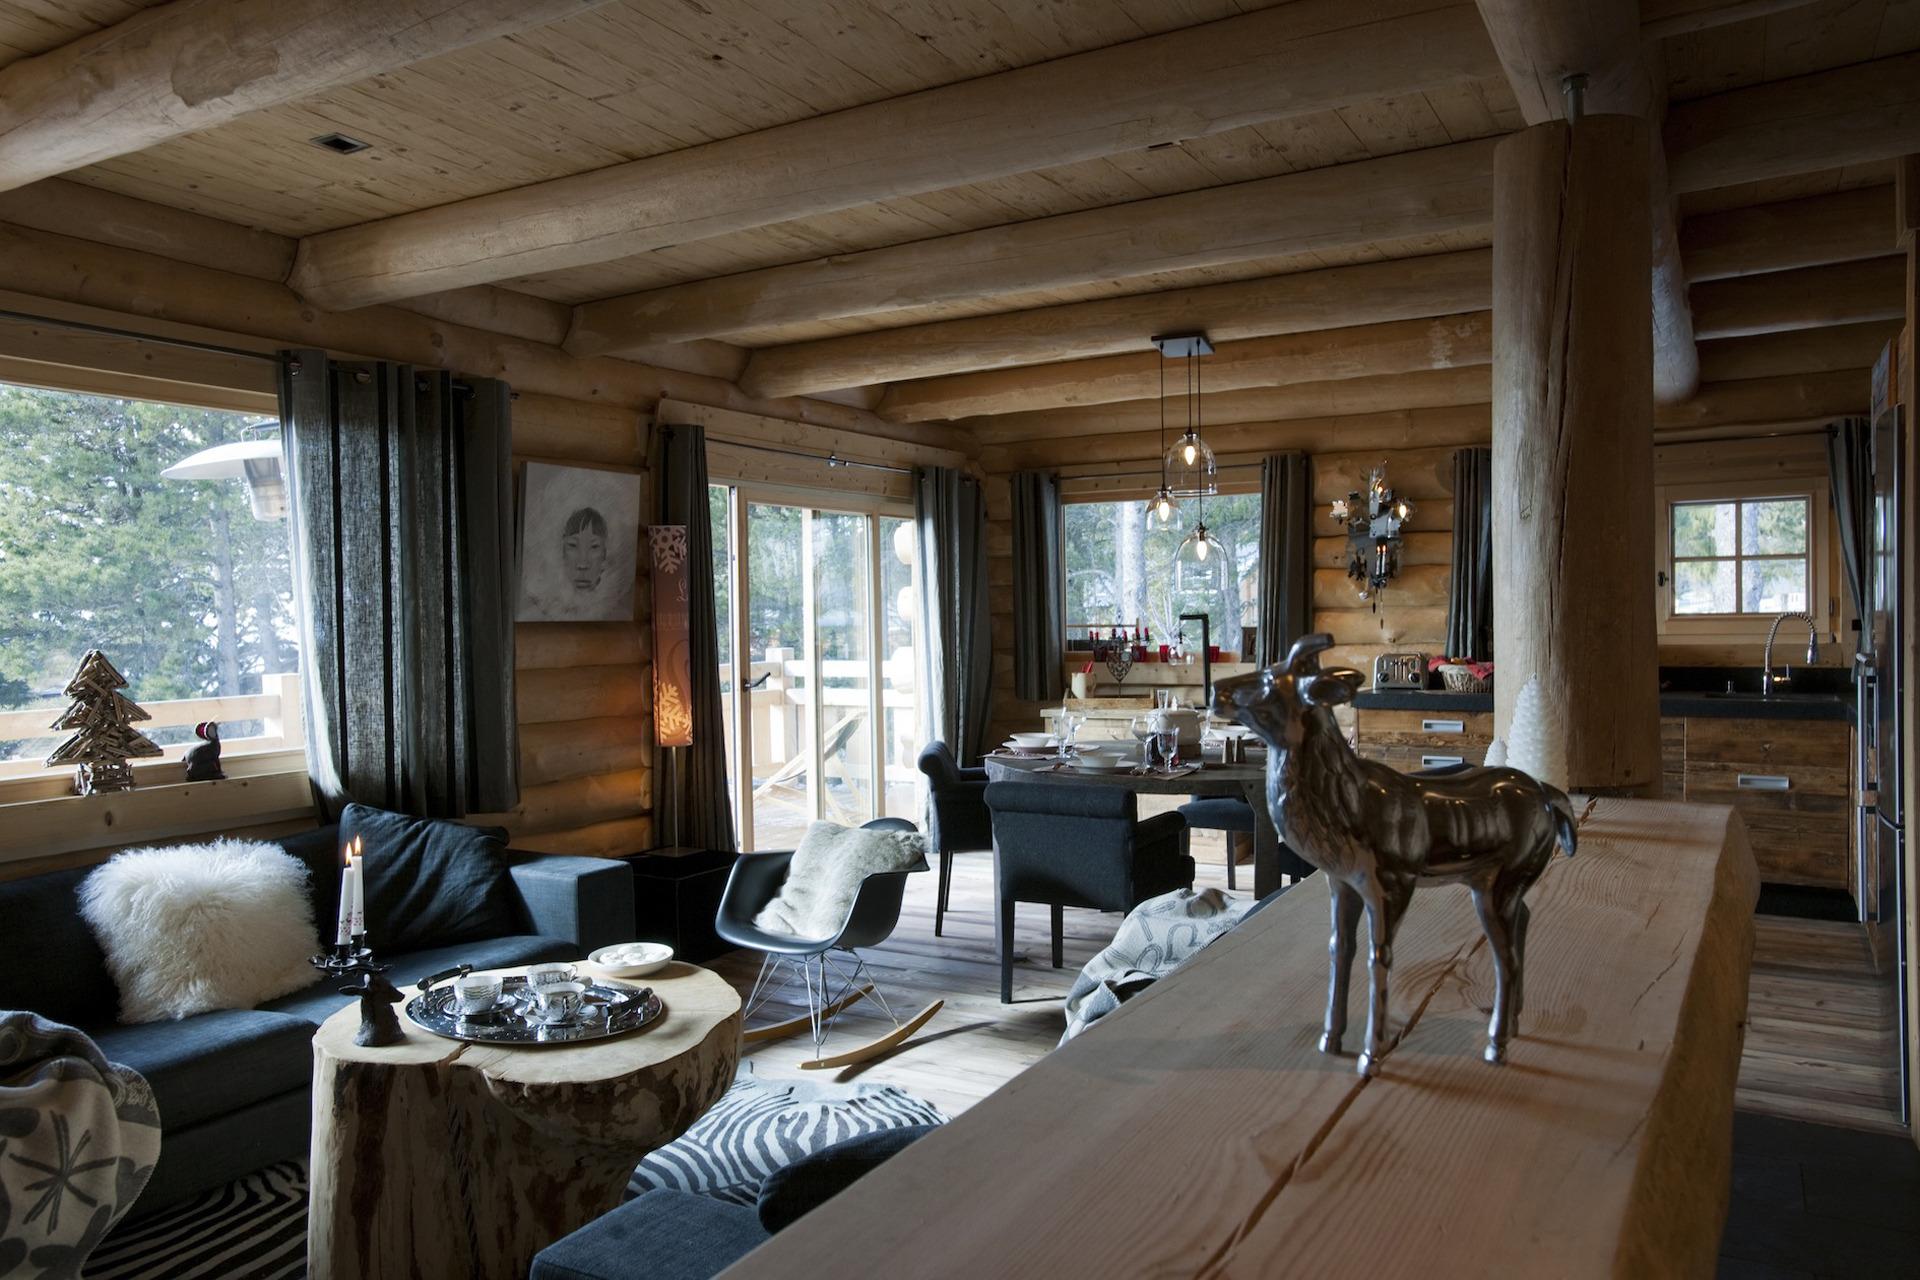 salon chalet montagne des id es novatrices sur la. Black Bedroom Furniture Sets. Home Design Ideas